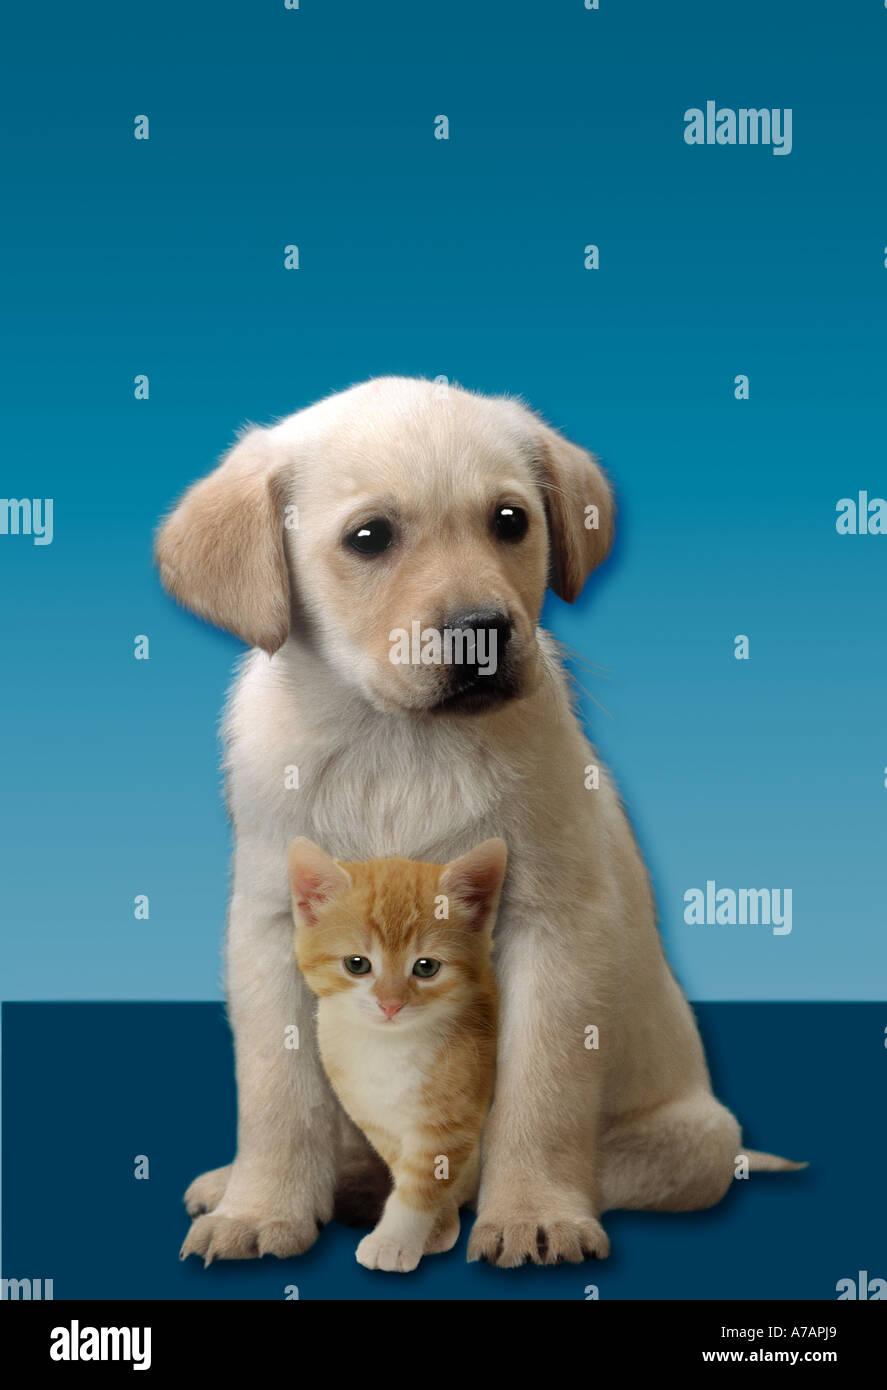 Nett Süße Kätzchen Malvorlagen Zeitgenössisch - Entry Level Resume ...